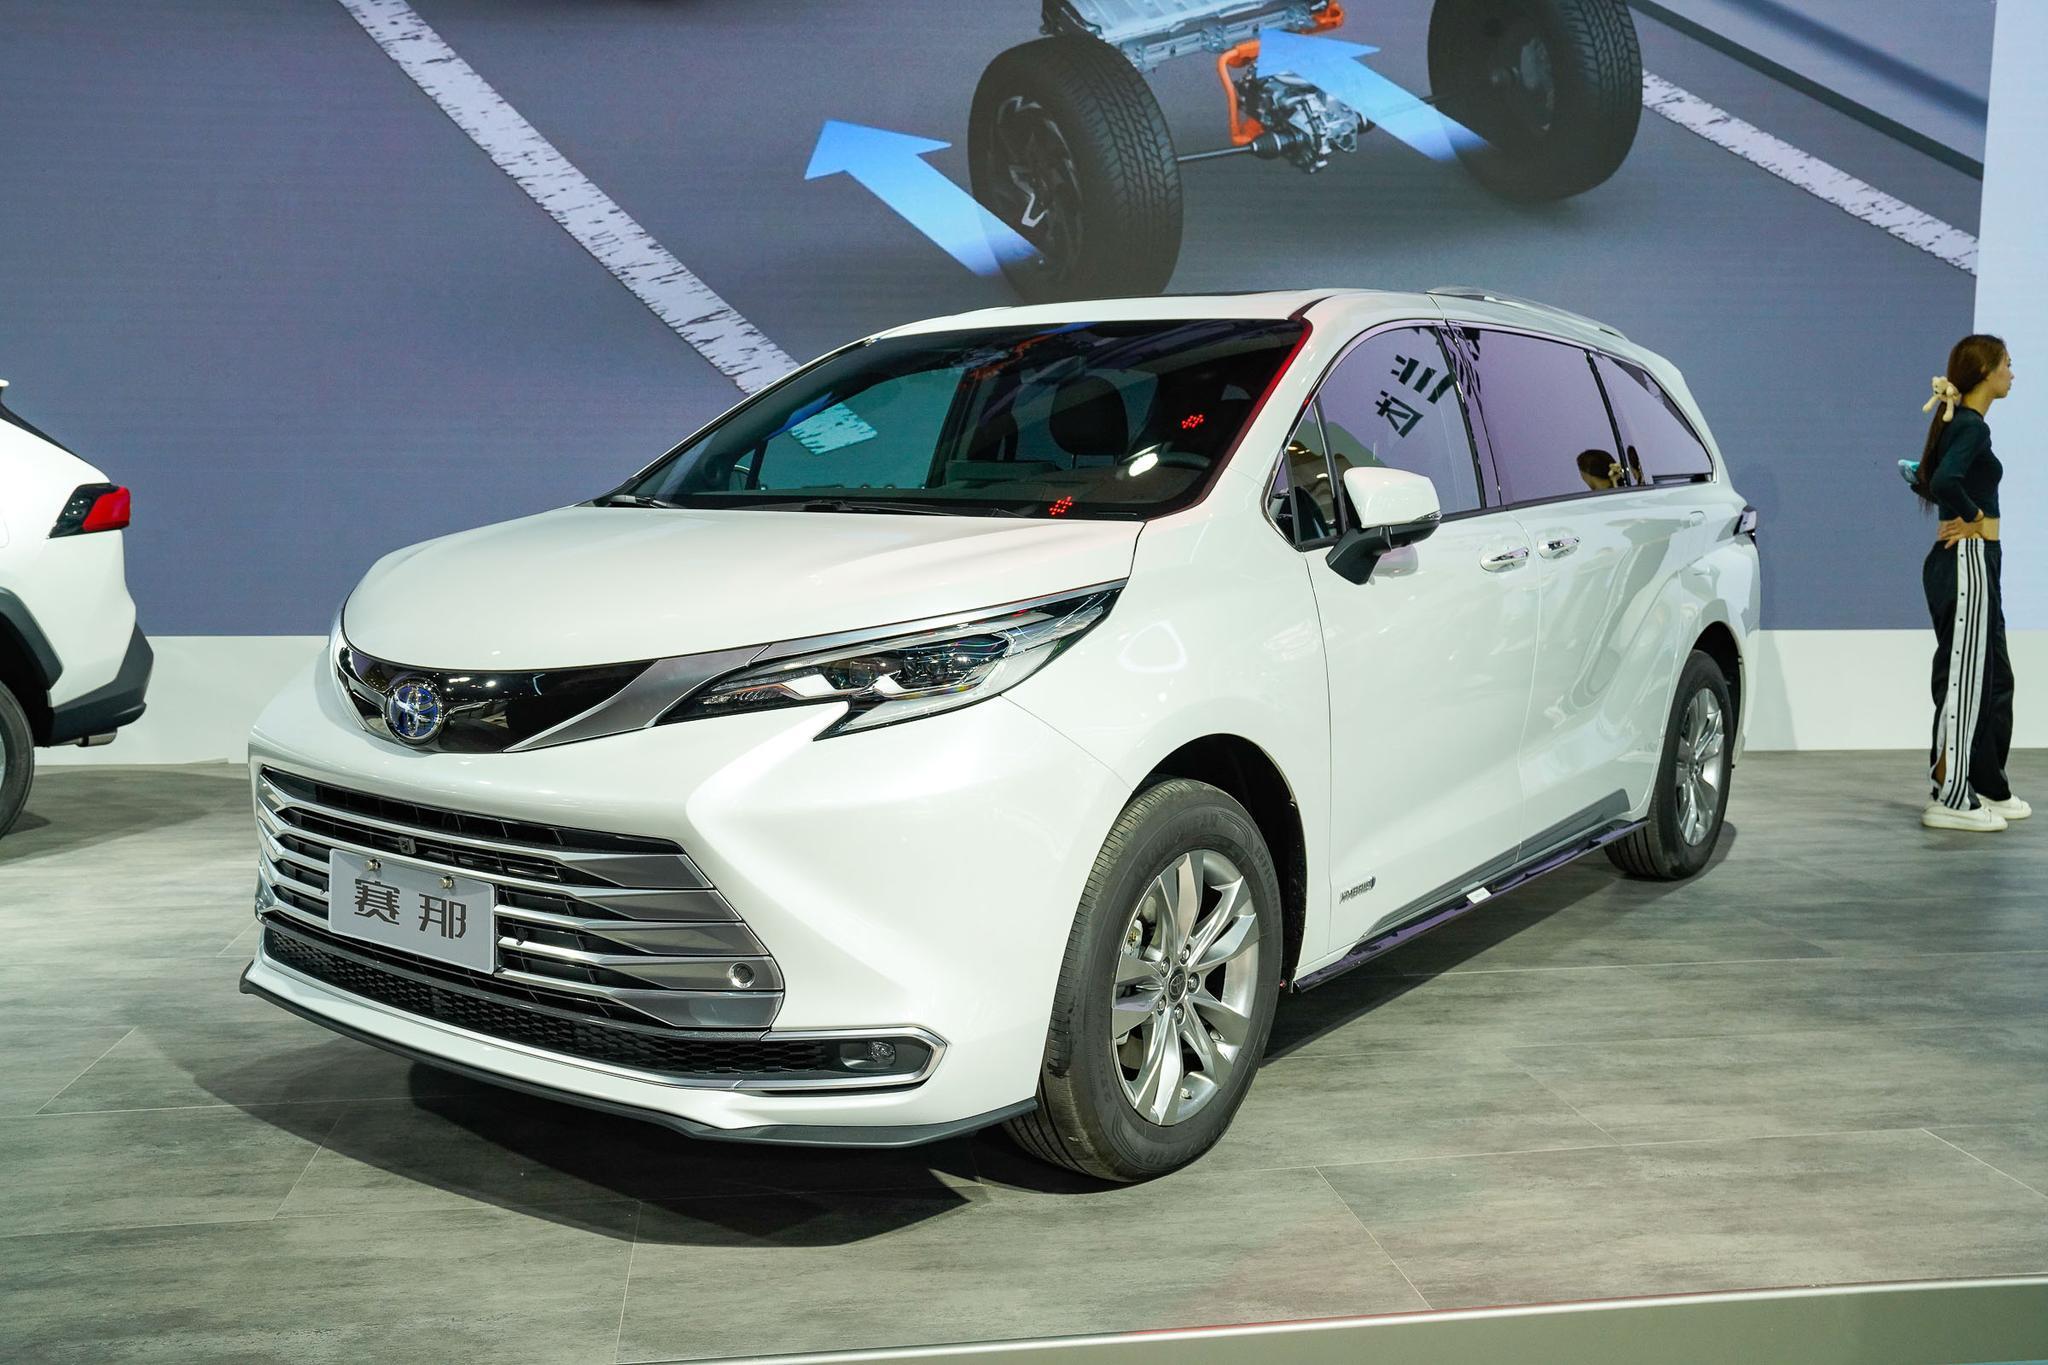 预售32万元起 广汽丰田赛那将于10月30日上市 2.5L